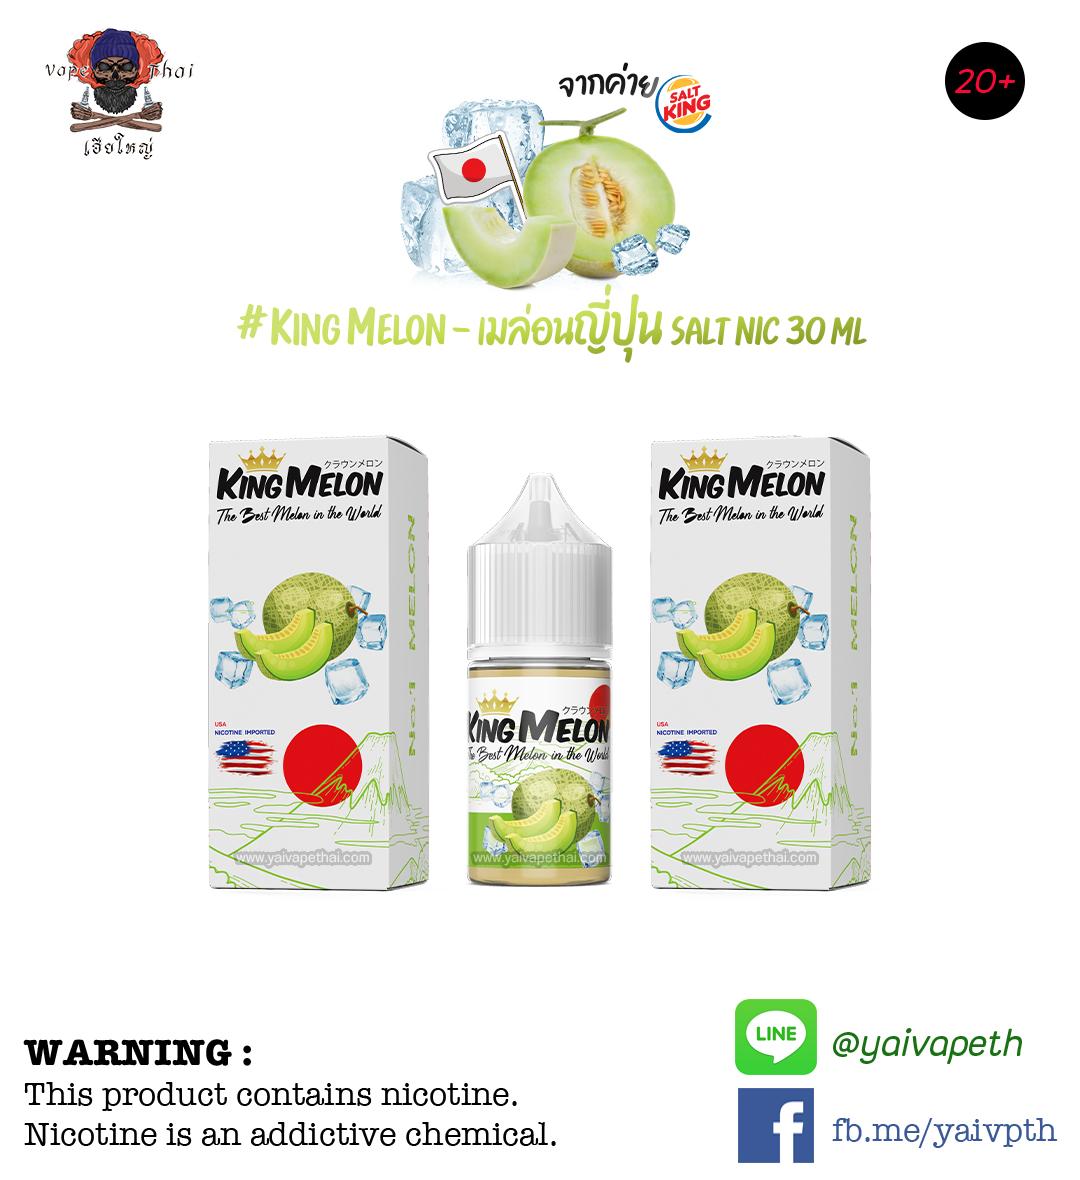 คิงเมล่อน - น้ำยาบุหรี่ไฟฟ้า King Melon by Saltking Salt Nic 30 ml 24mg (แบรนด์ไทย) [เย็น] ของแท้ 100%